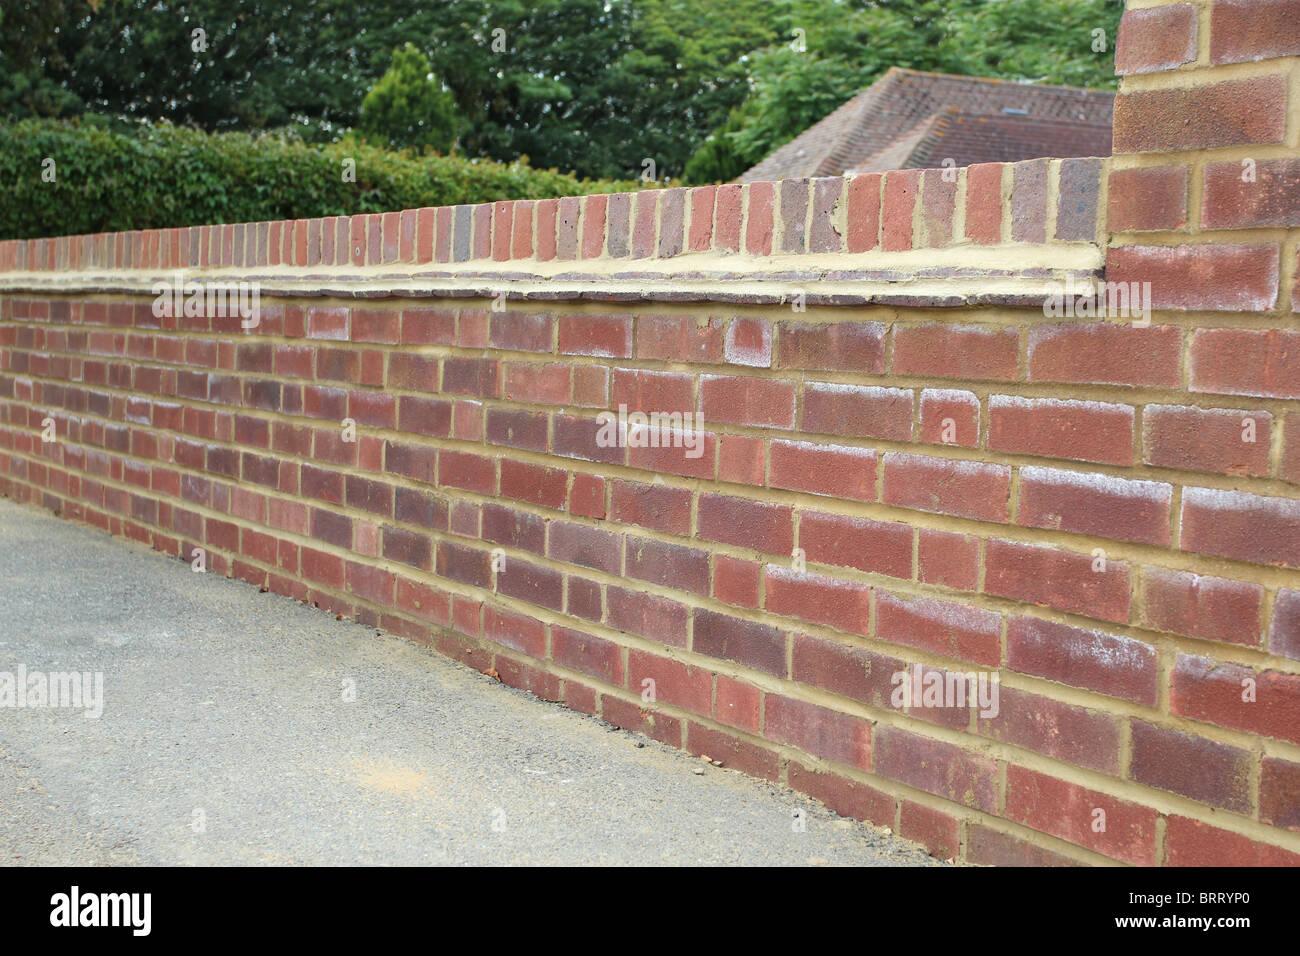 Pared de ladrillo recién construido en el frente de una casa. Imagen De Stock